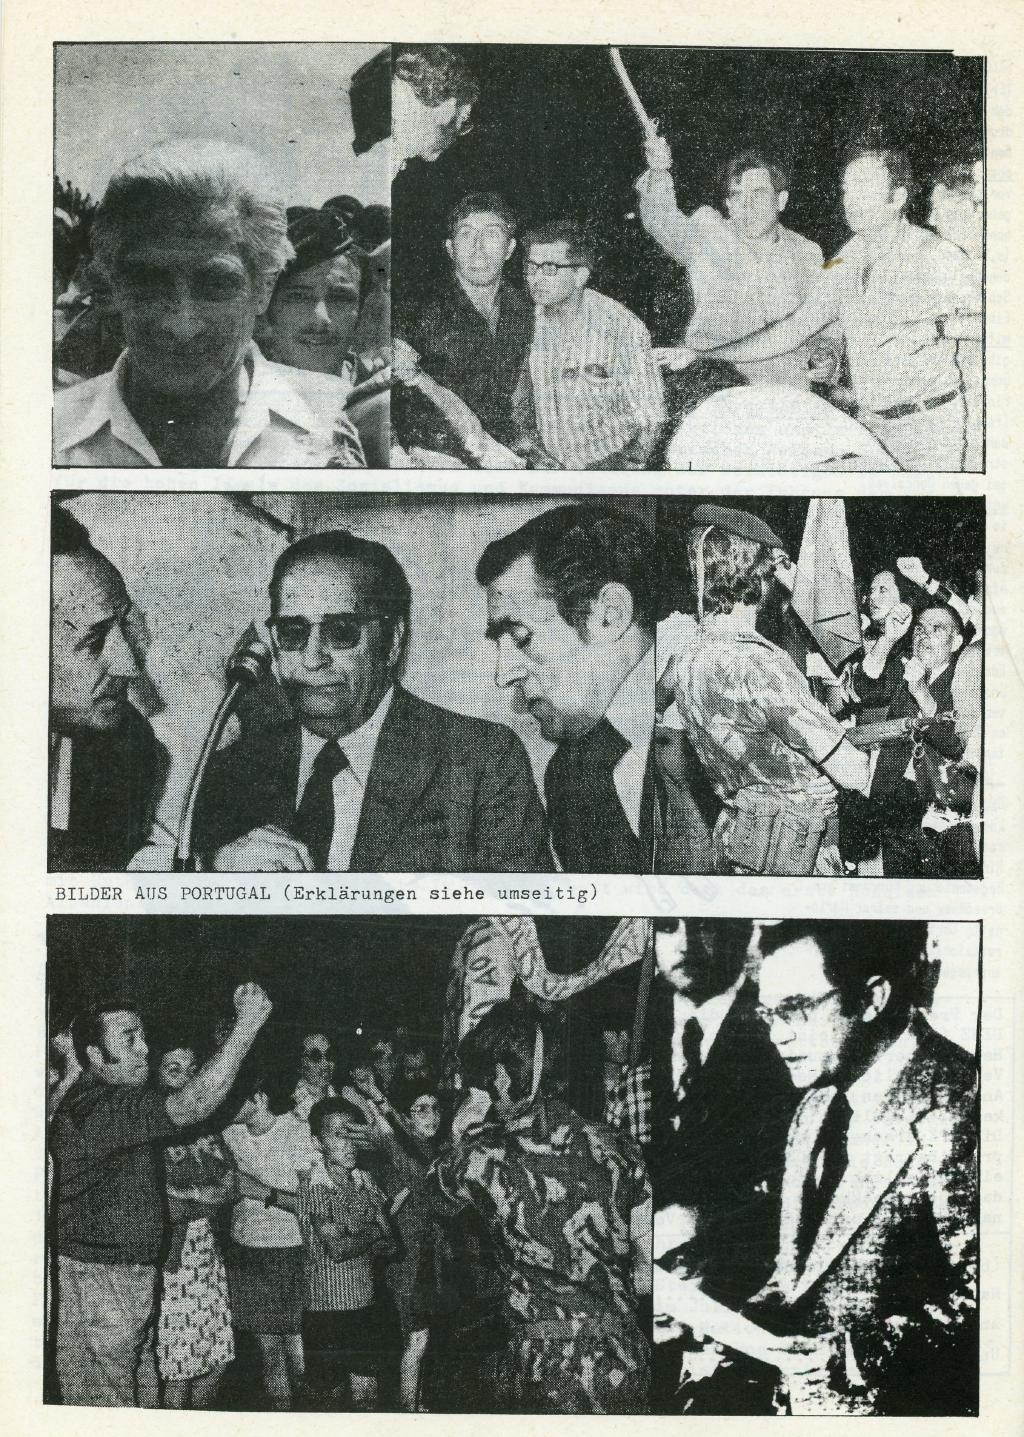 RPK_Pressedienst_1975_41_16